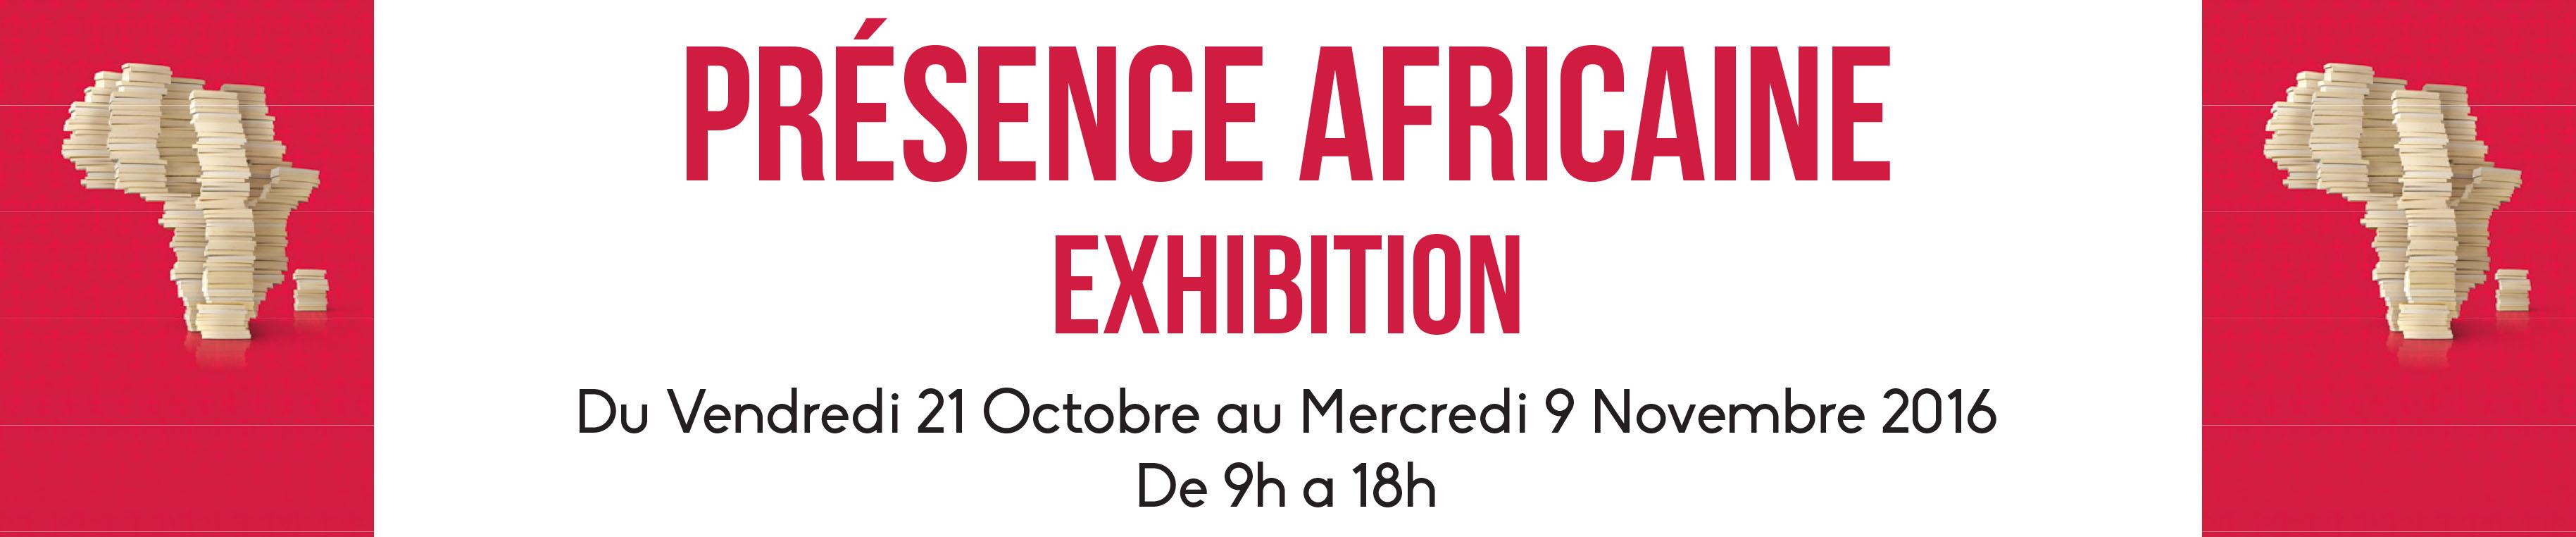 PRESENCE-AFR-Website-Banner